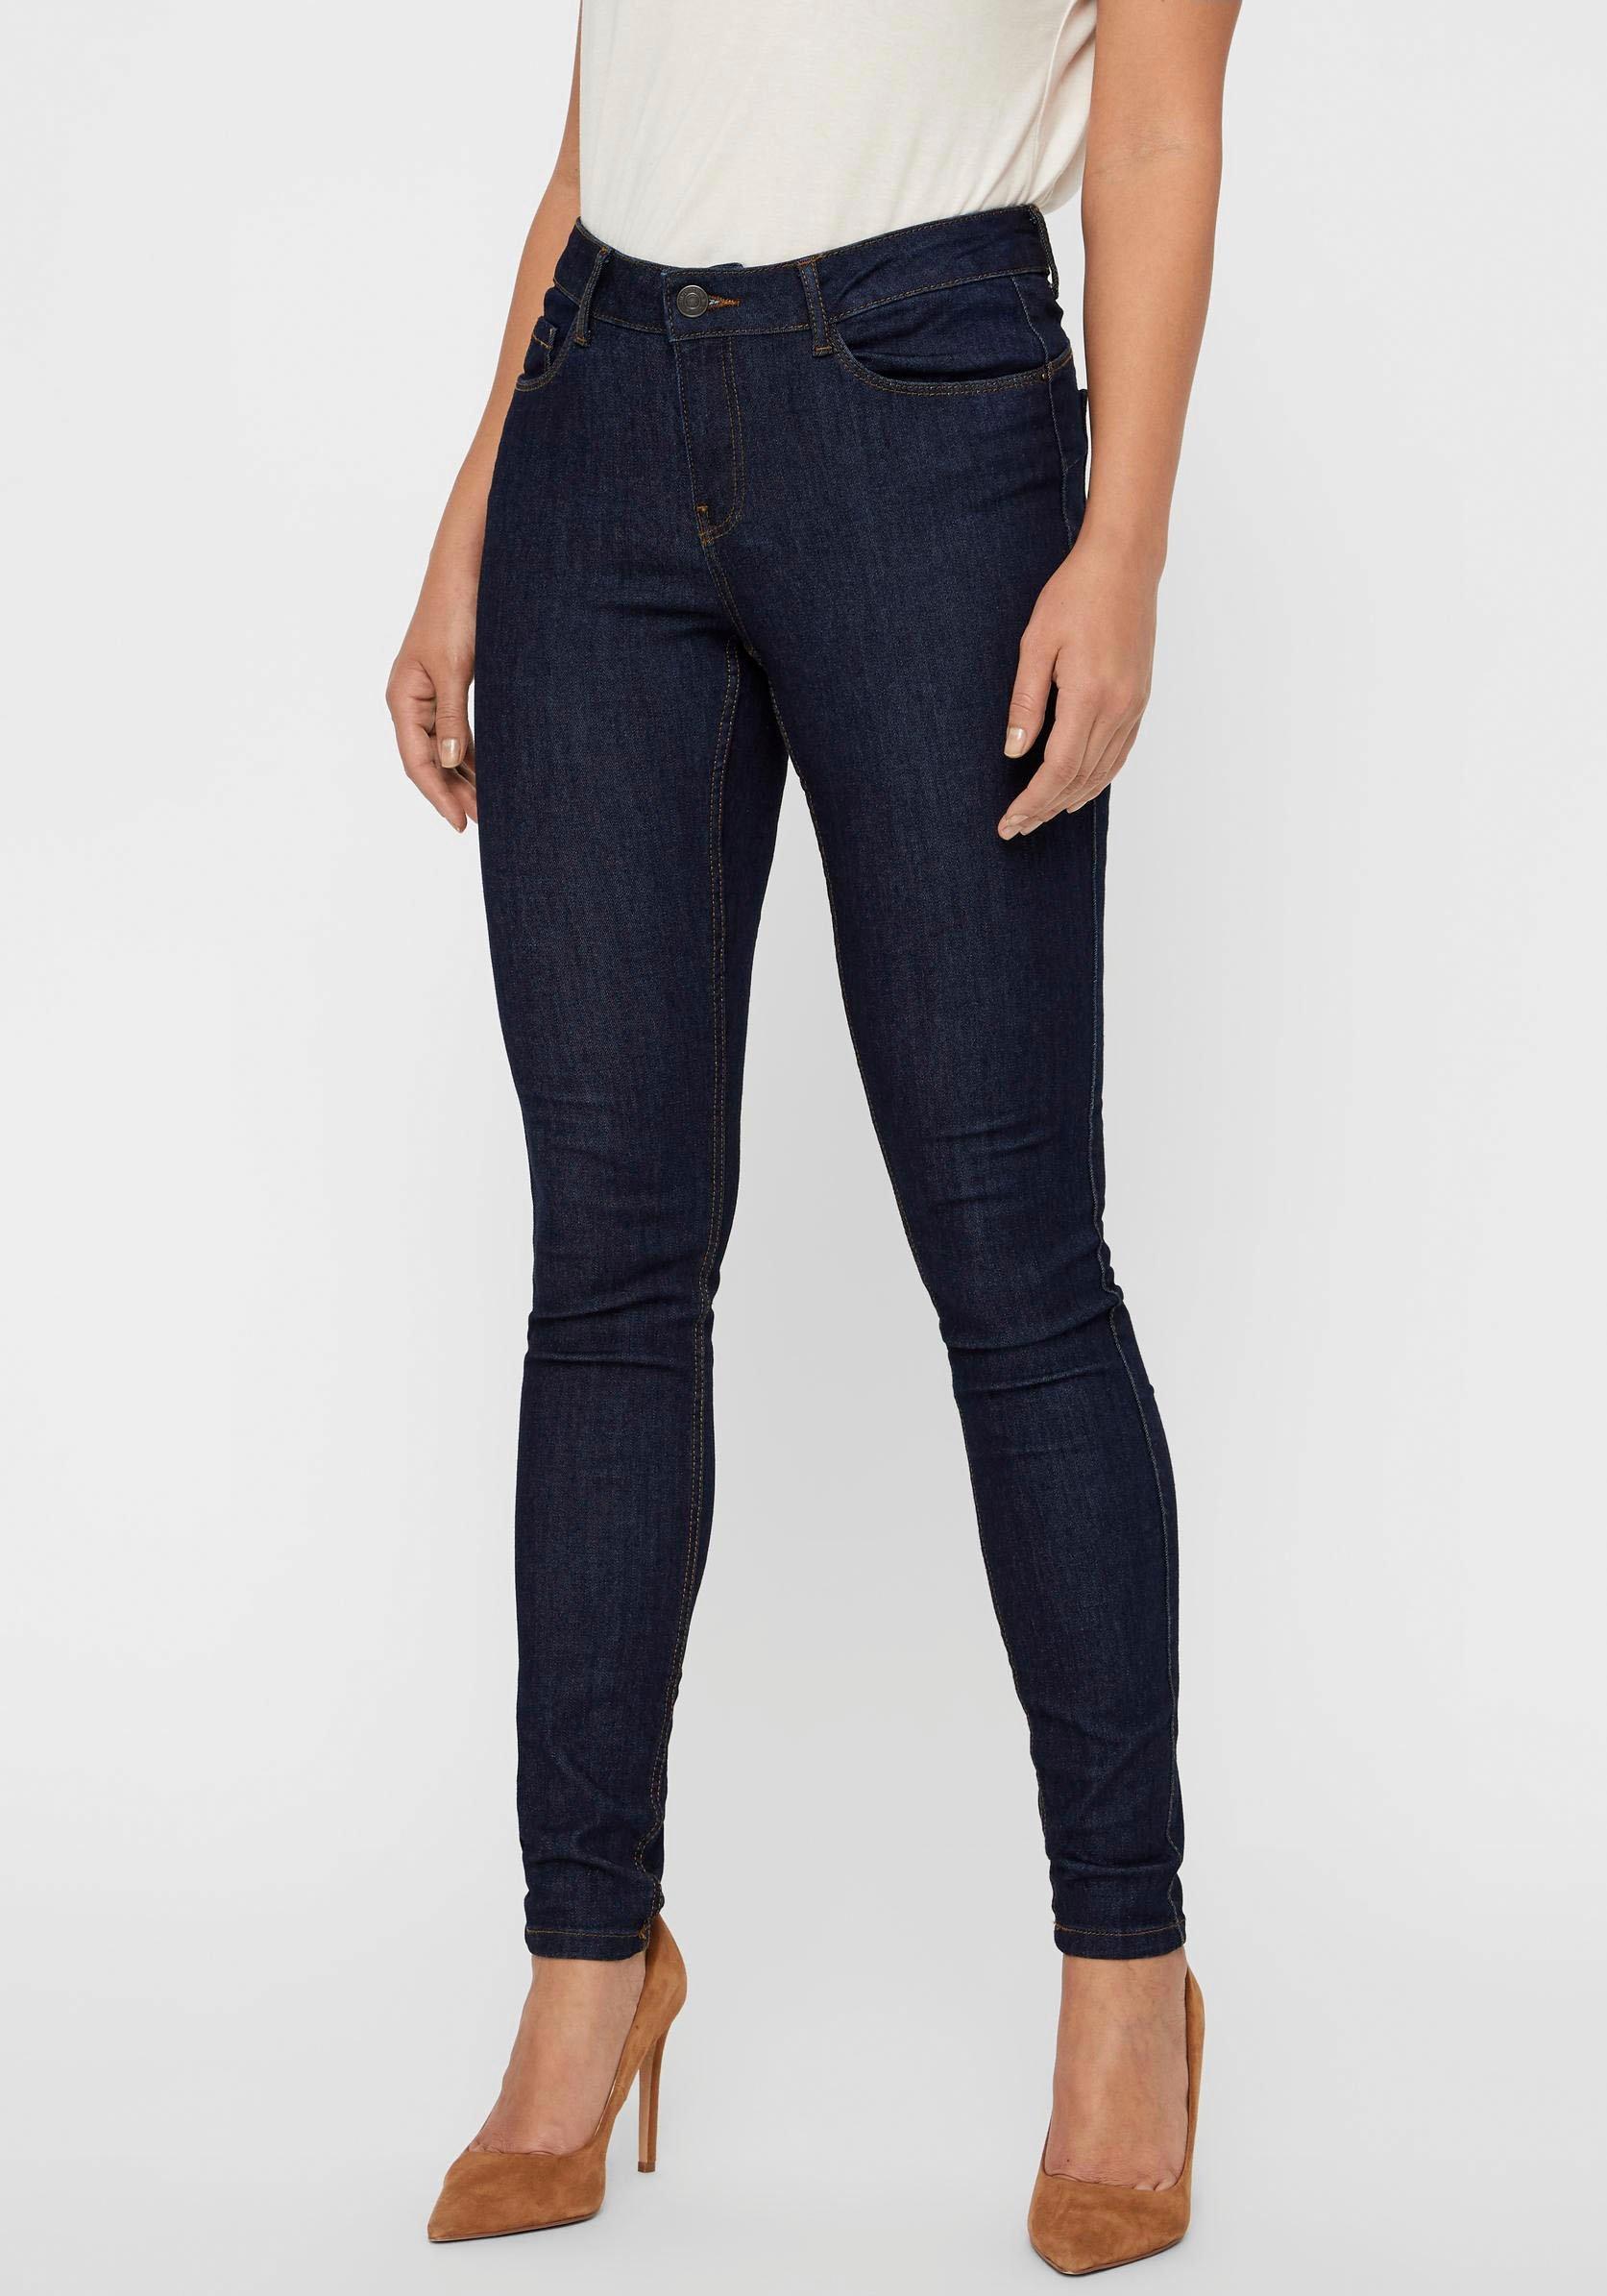 Vero Moda skinny fit jeans VMSEVEN SHAPE UP voordelig en veilig online kopen